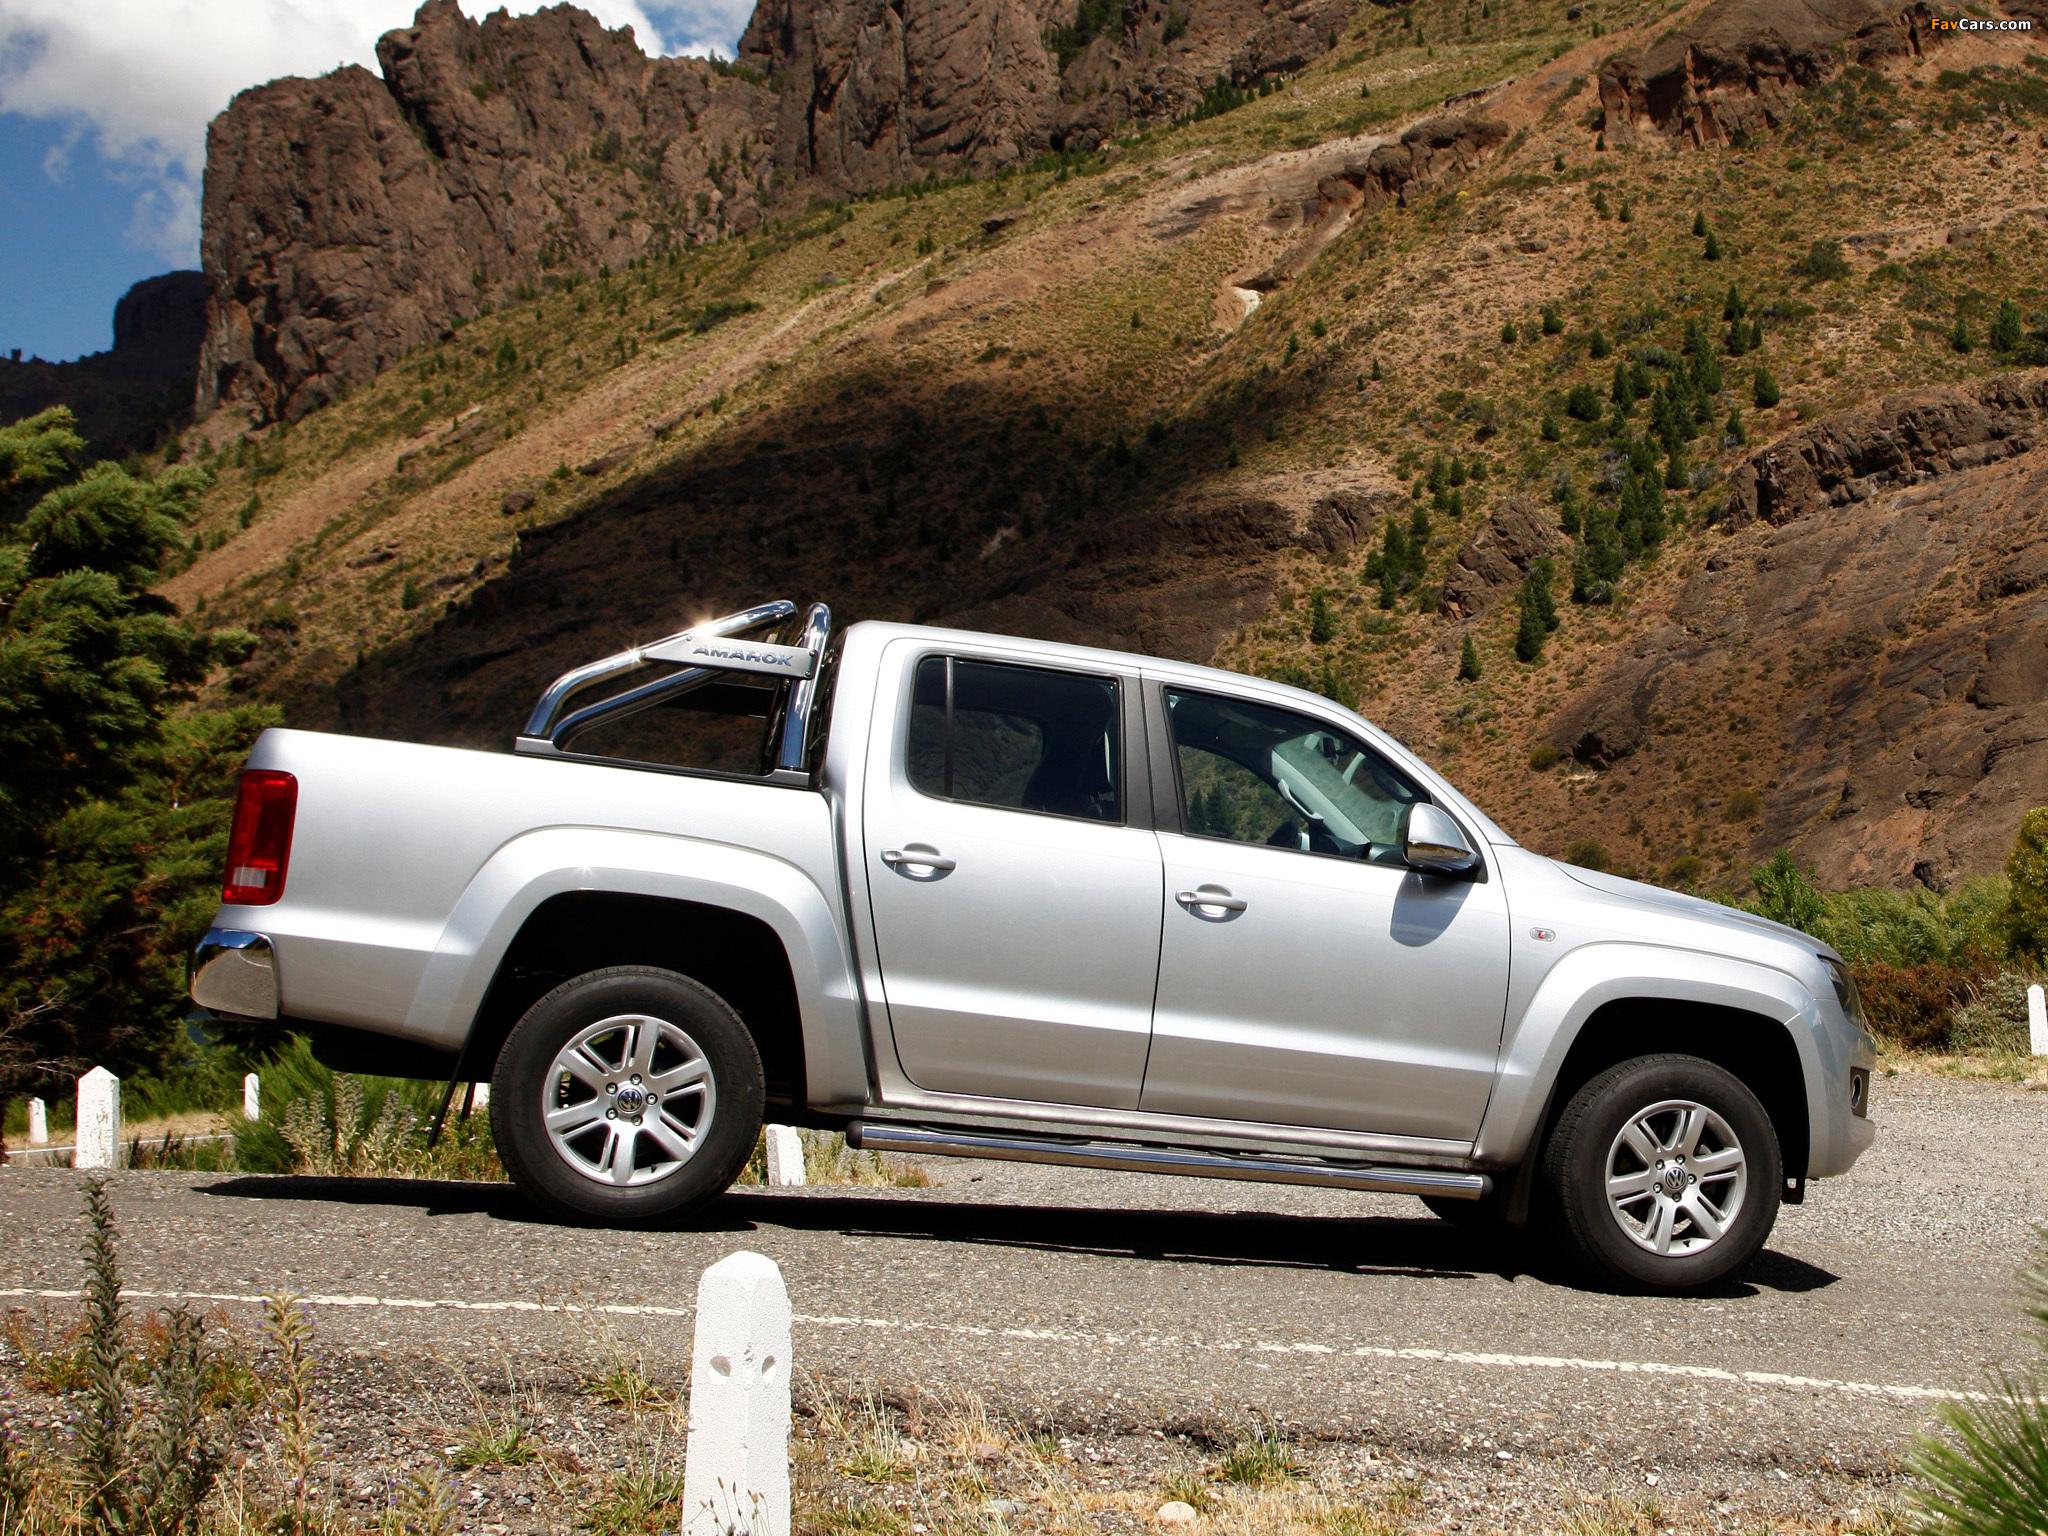 Volkswagen Amarok Double Cab Highline 2010 photos (2048 x 1536)